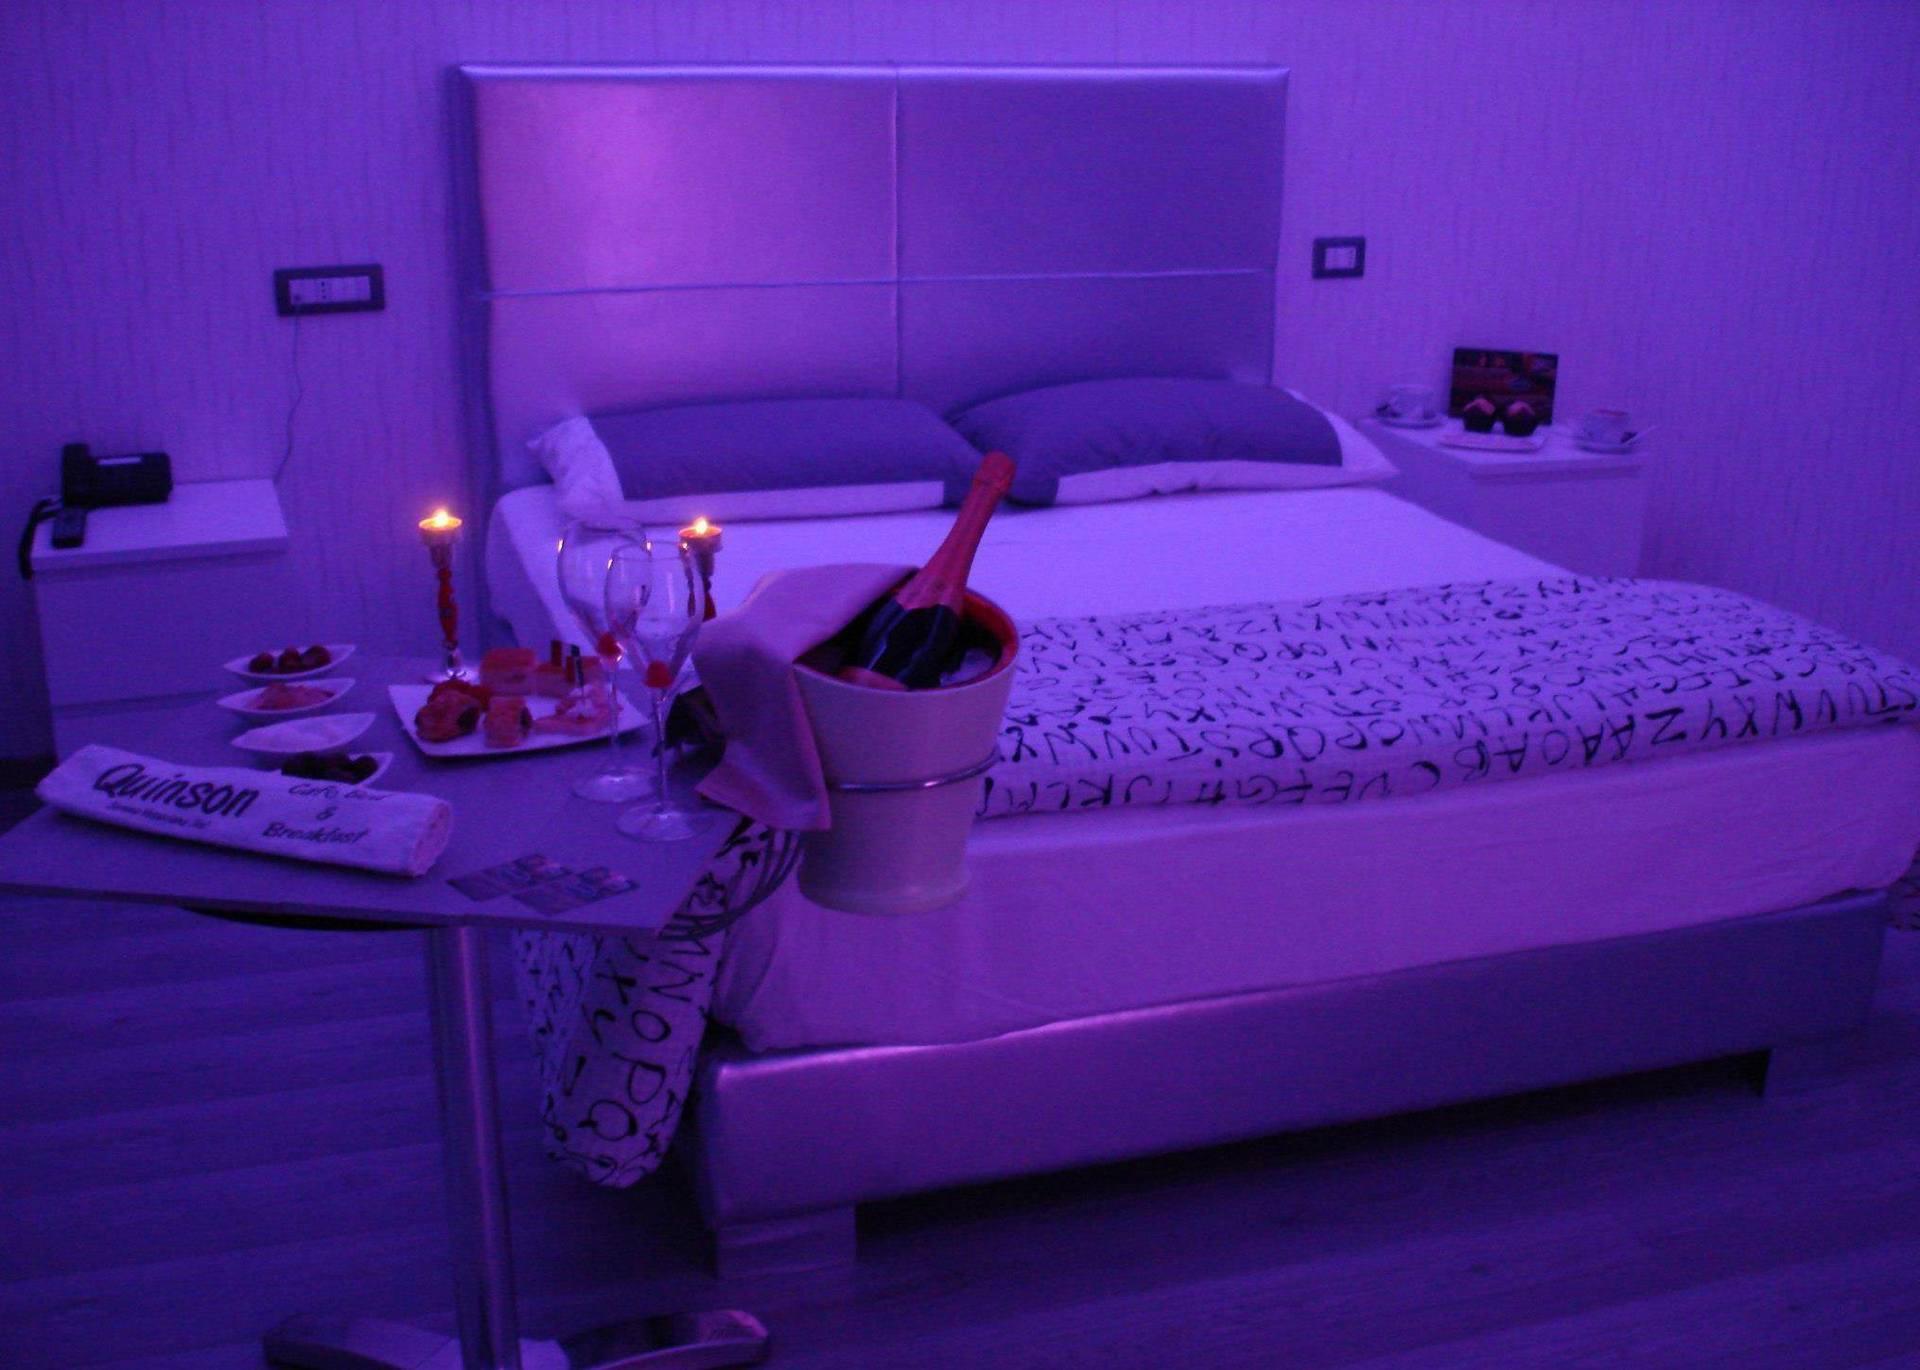 camera da letto con luci soffuse